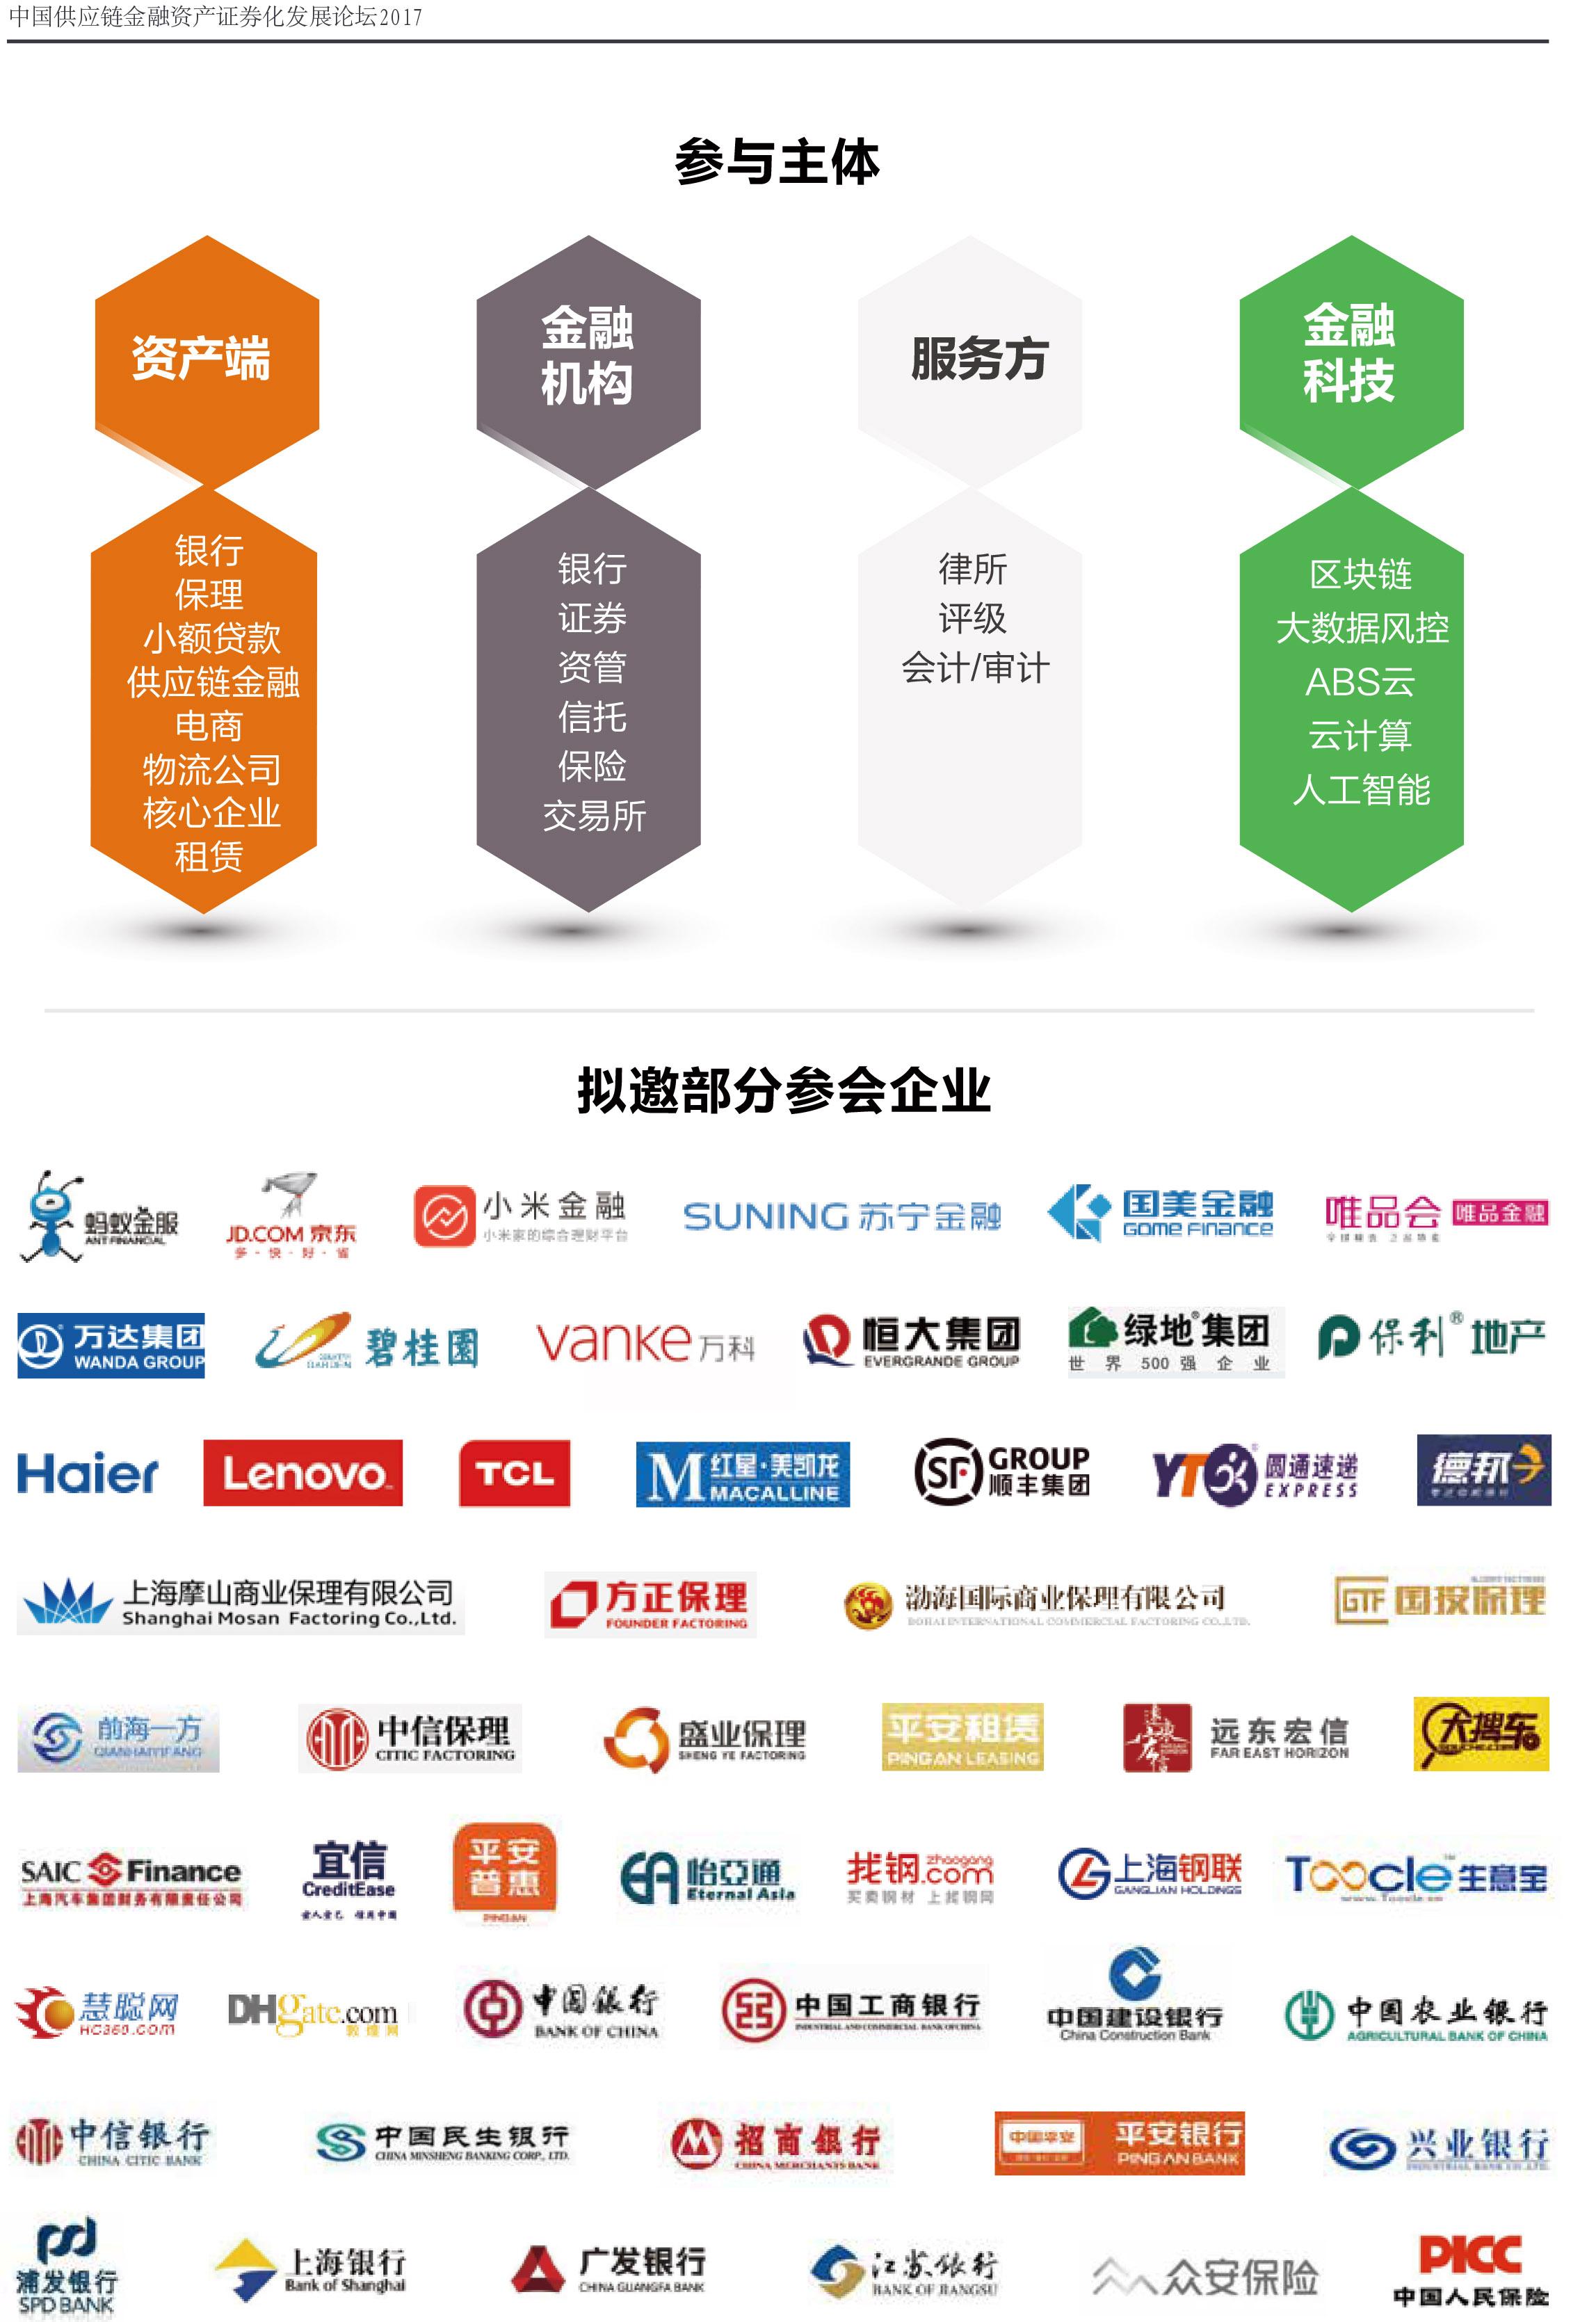 中国供应链金融资产证券化发展论坛2017